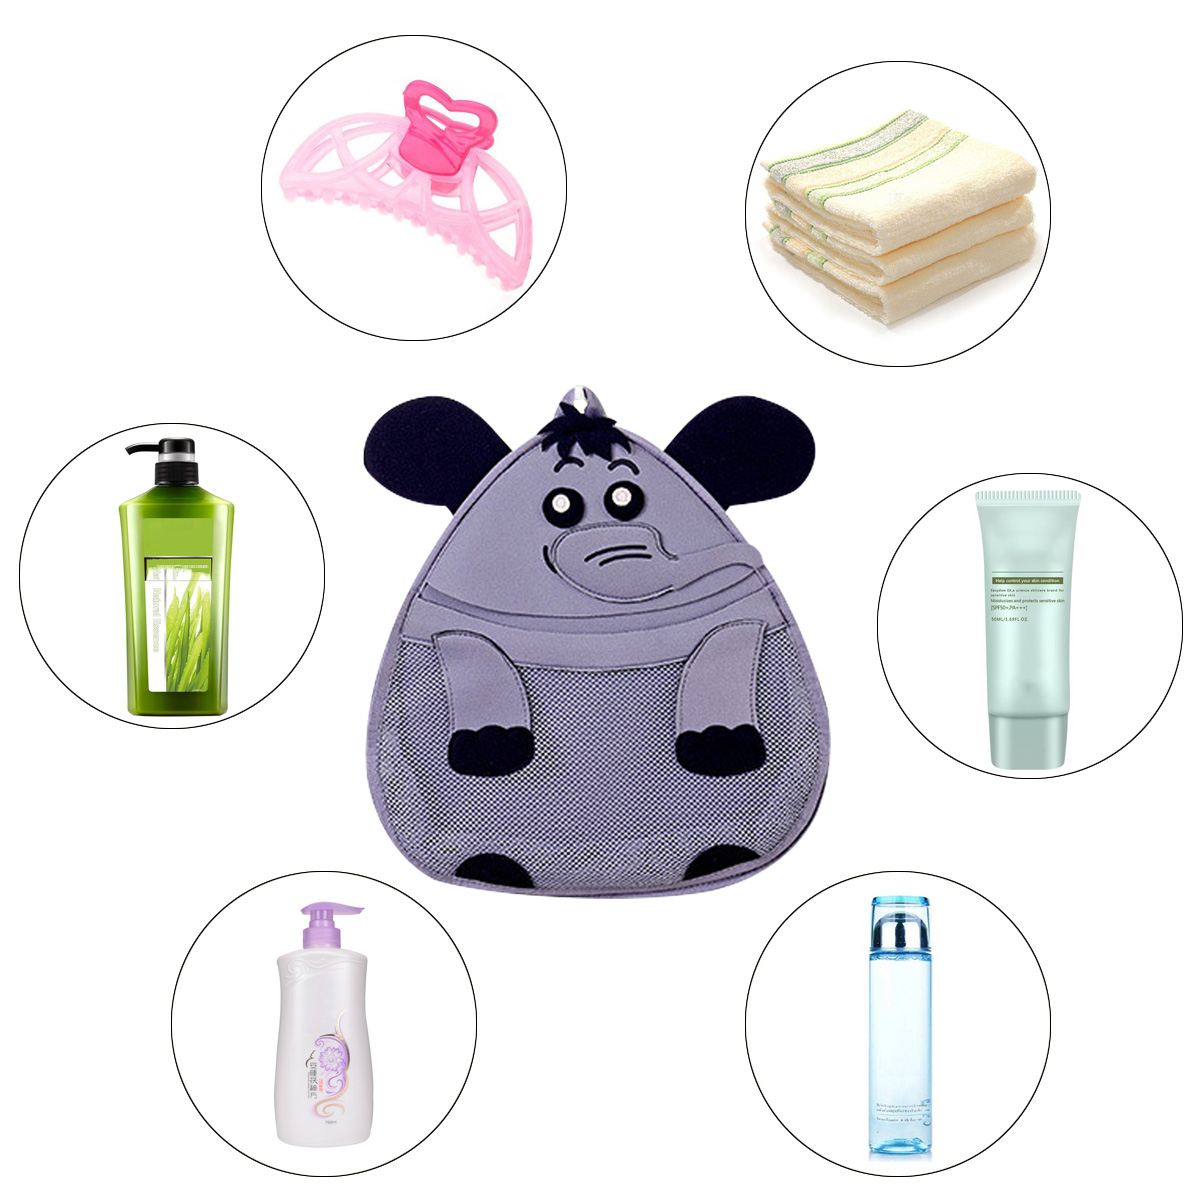 YHYS 3D Cartoon éléphant sac de rangement enfants jouet Collection salle de bain étanche le mur sac Net sac lavage fournitures organisateur